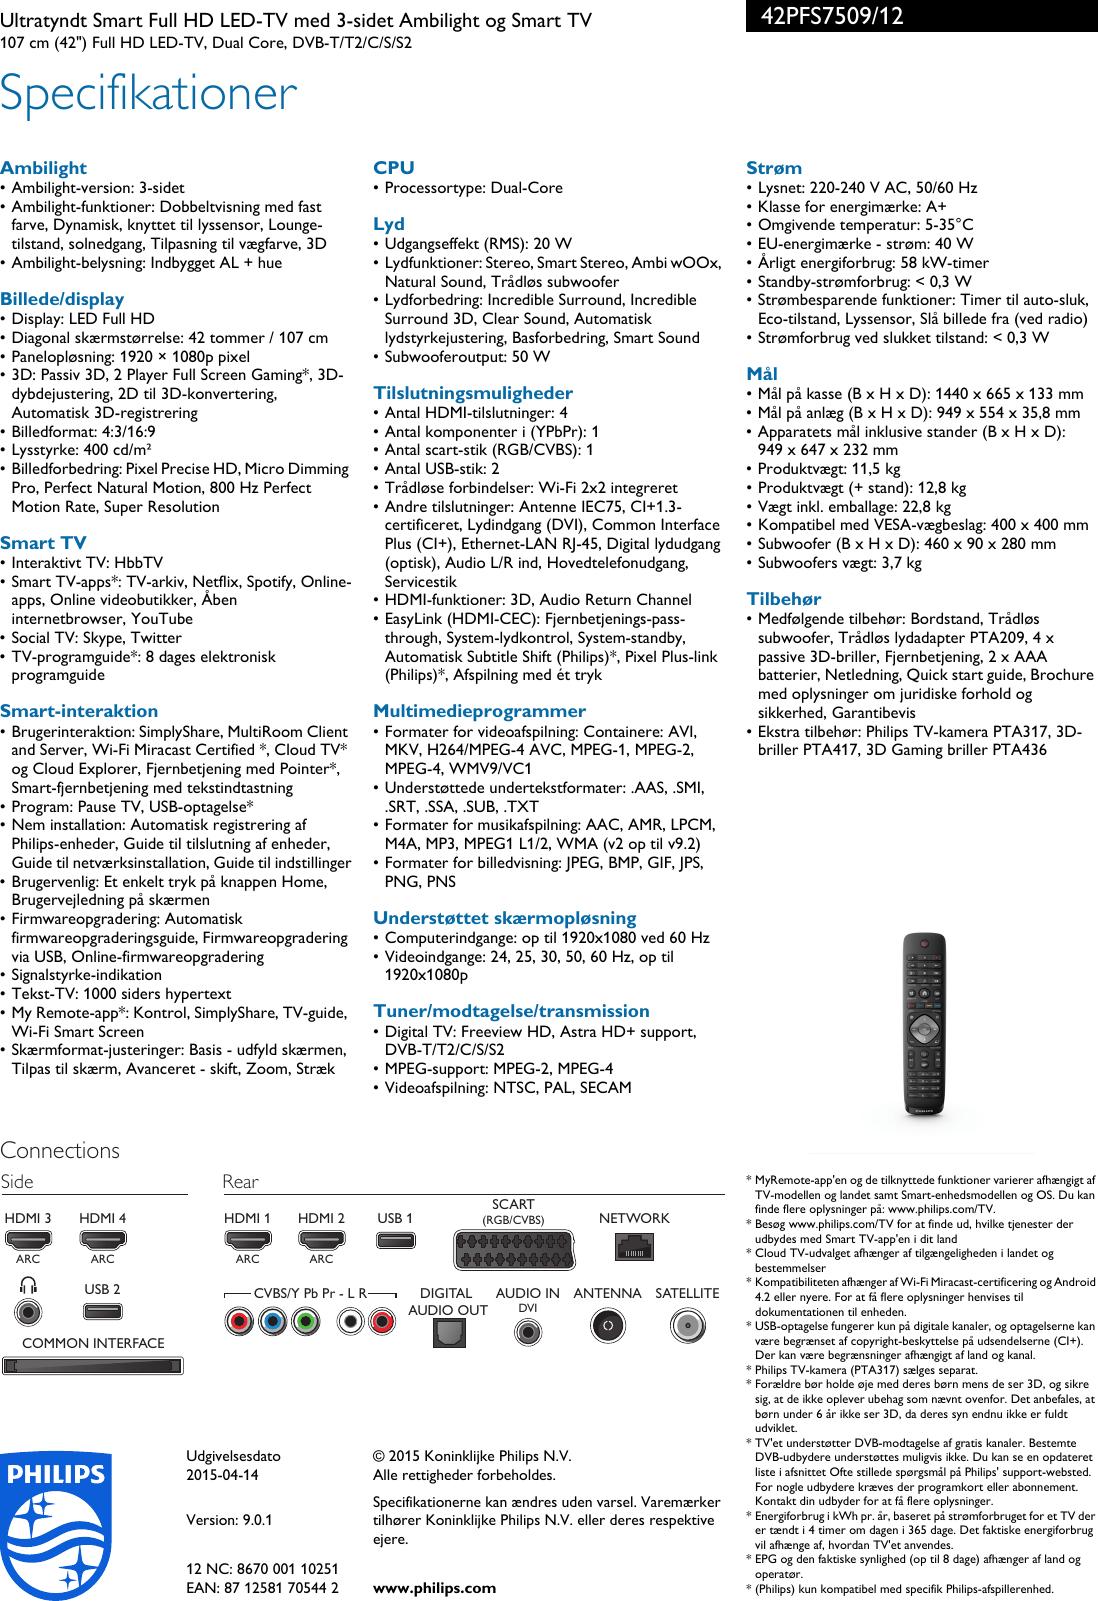 Philips 42PFS7509/12 Ultratyndt Smart Full HD LED TV Med 3